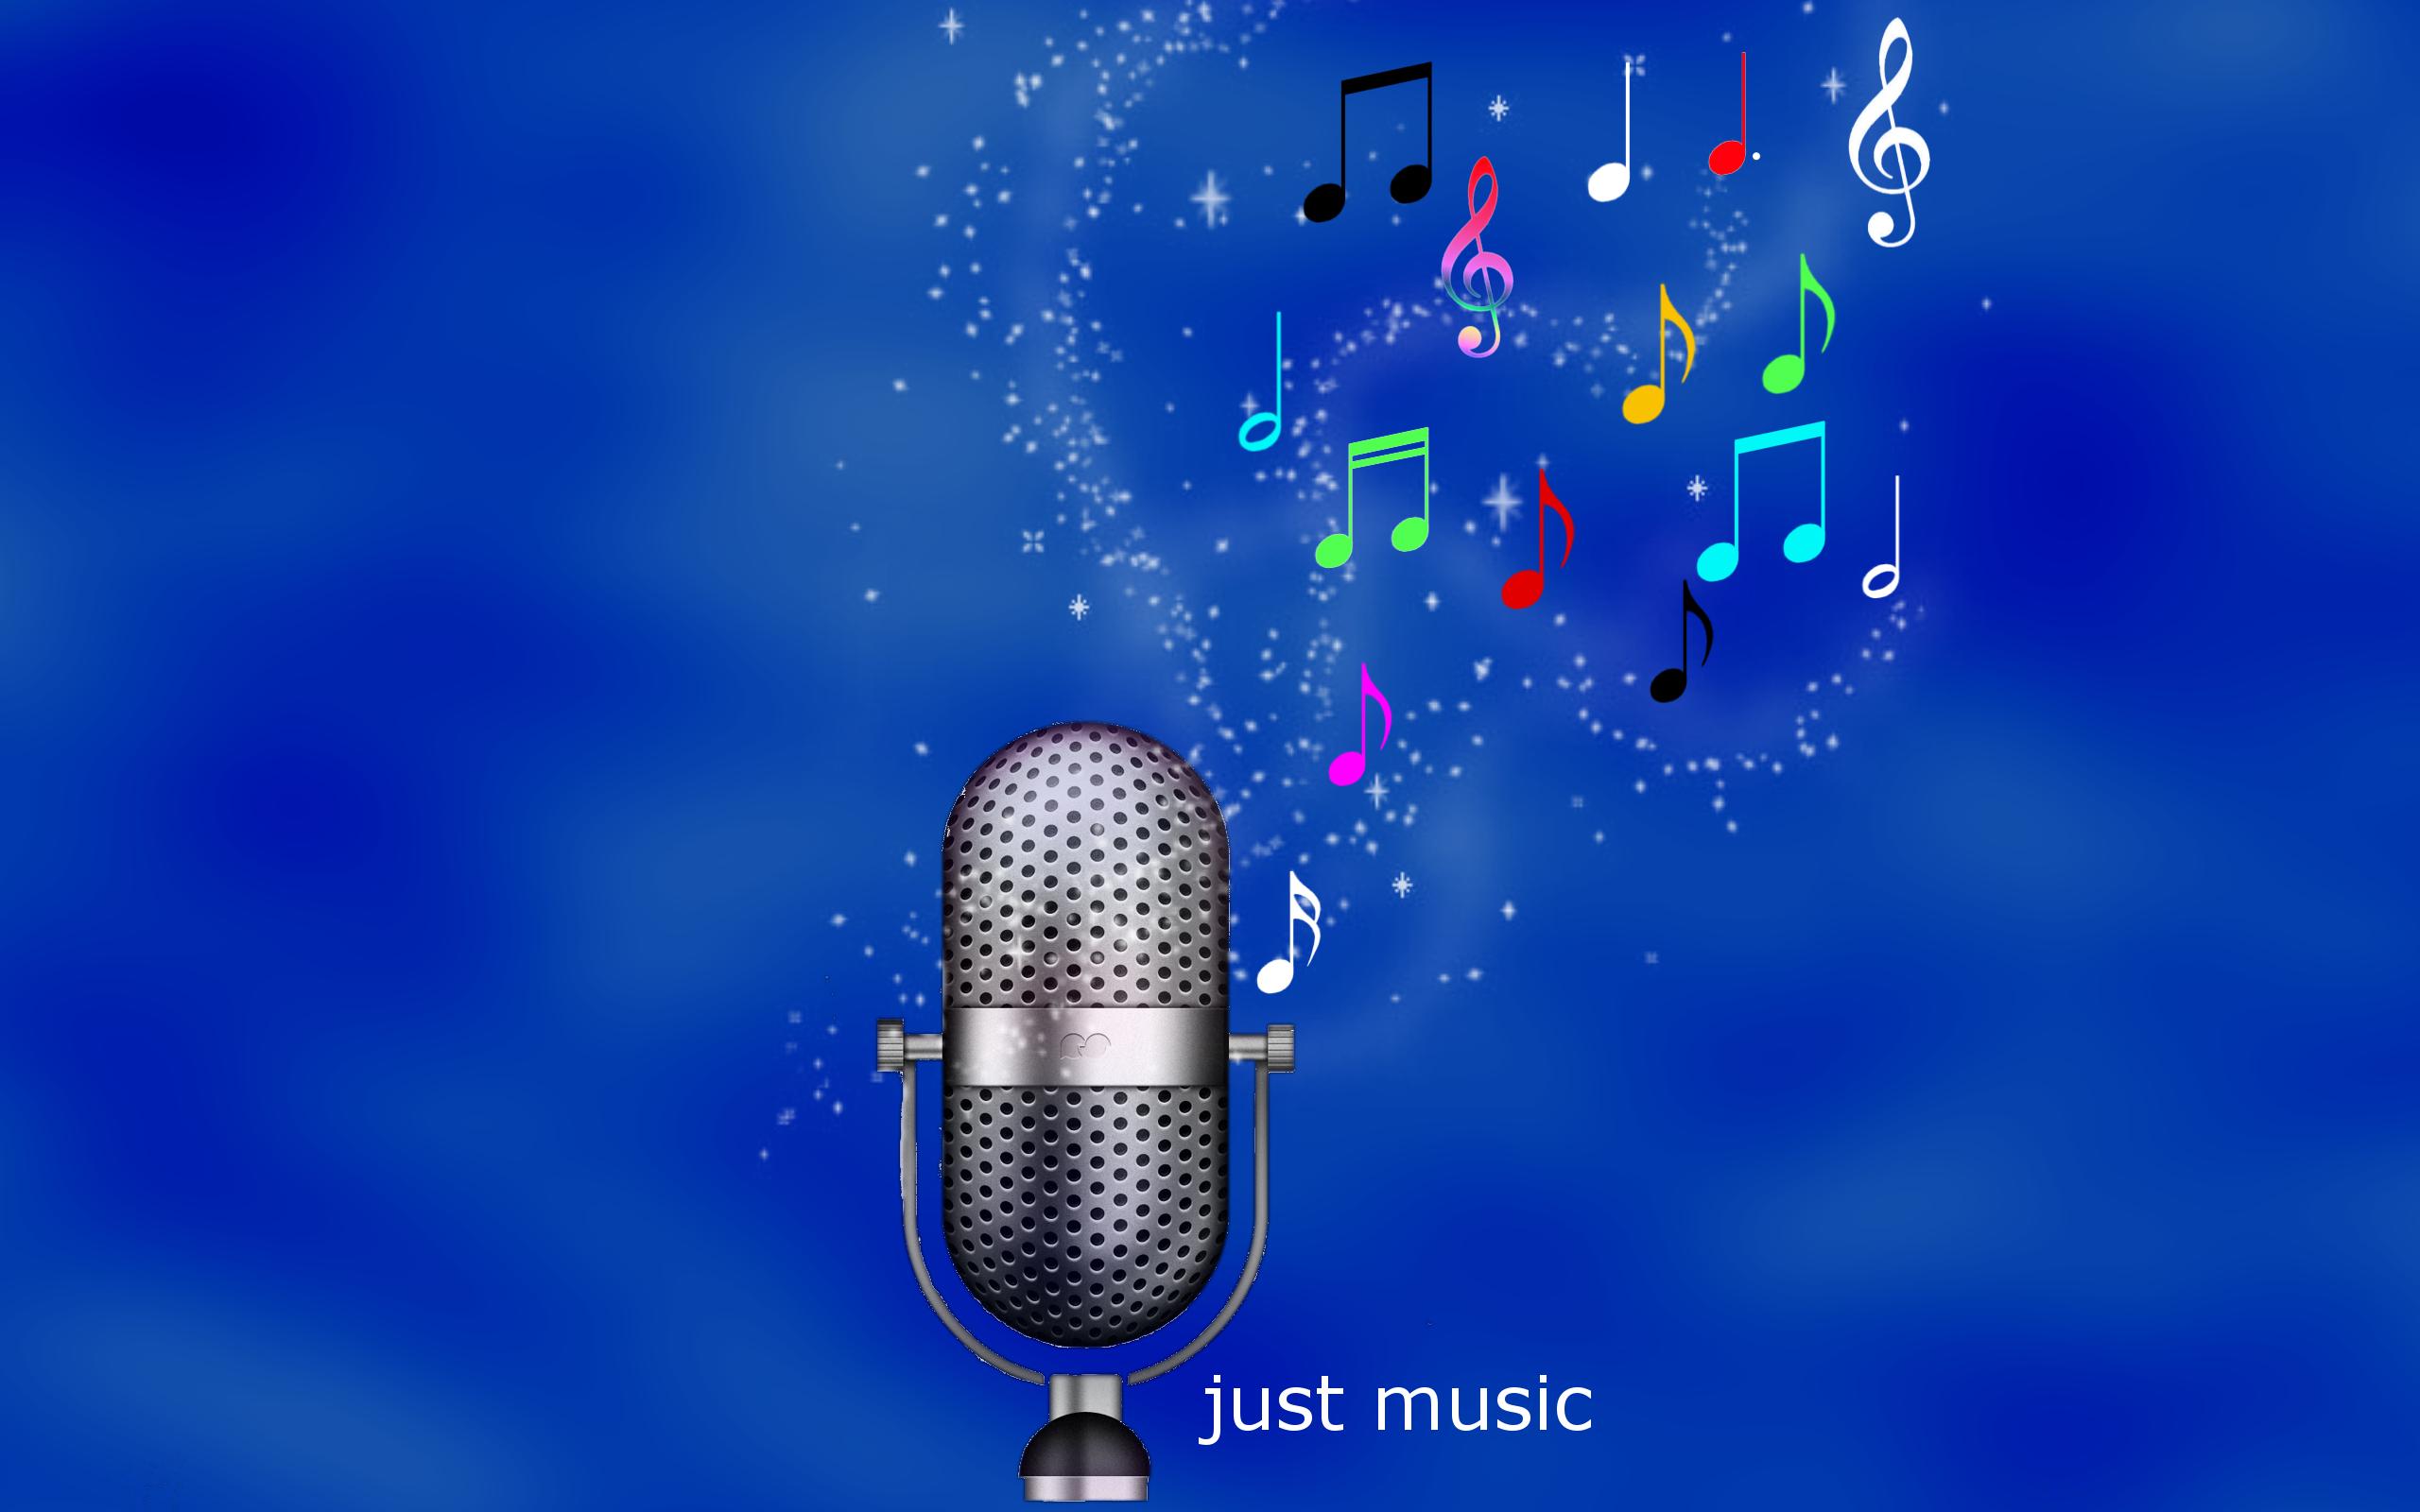 音楽 Saves My Soul 音楽 壁紙 26369946 ファンポップ